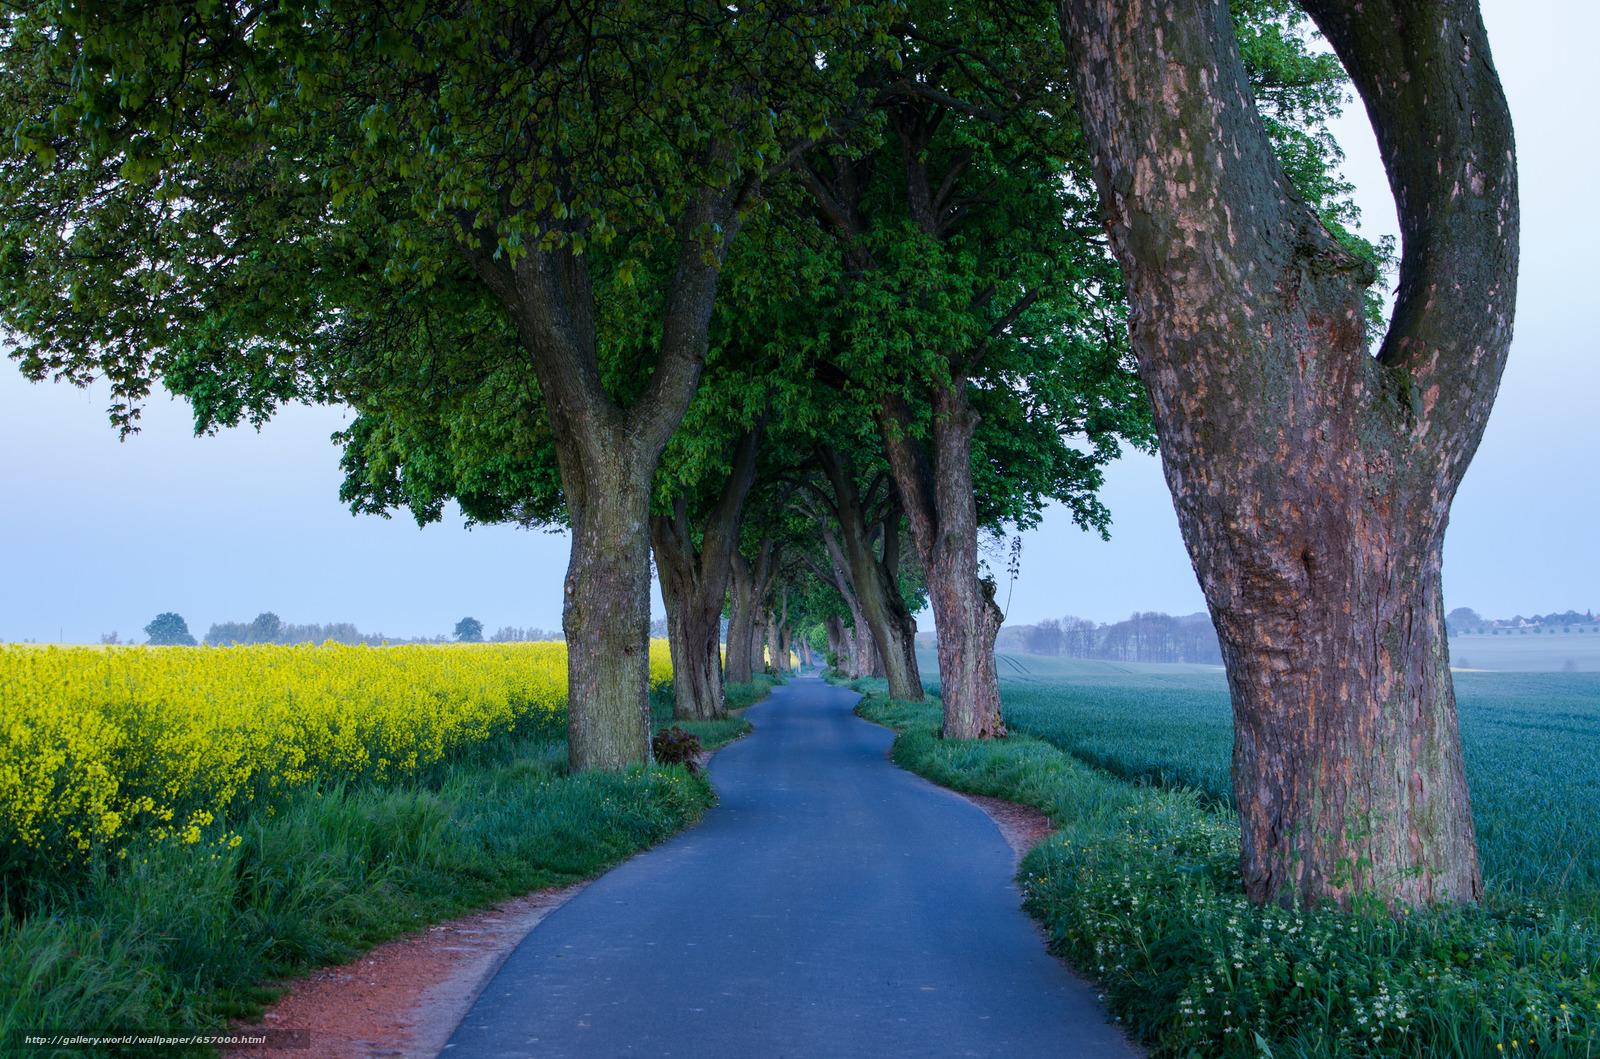 下载壁纸 道路,  场,  树,  景观 免费为您的桌面分辨率的壁纸 2048x1356 — 图片 №657000